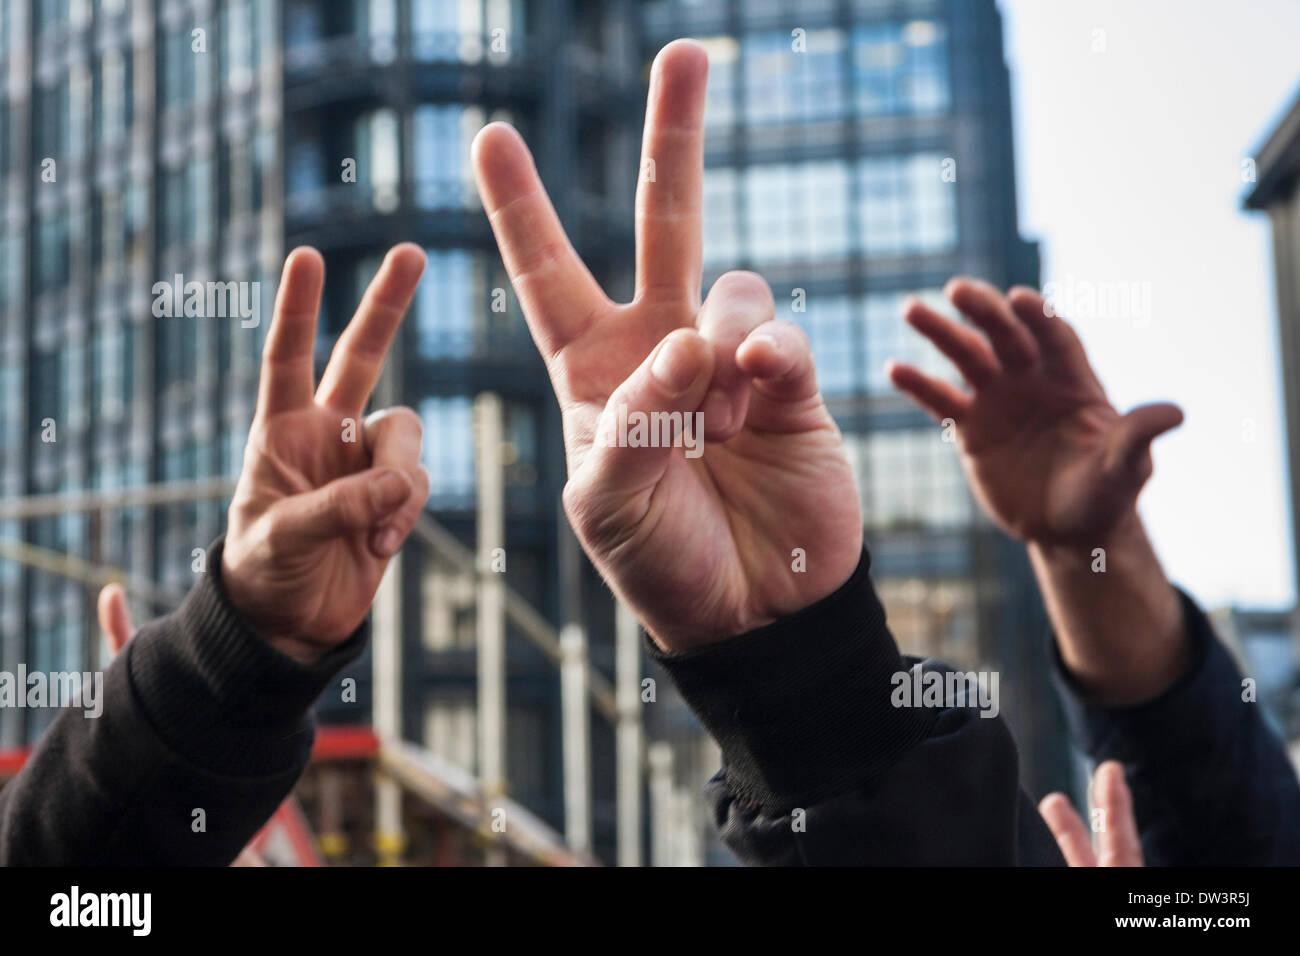 Old Bailey, London 26. Februar 2014. Hände machen die 'V'-Zeichen als Mitglieder von mehreren rechten nationalistischen Gruppen versammelten sich im Old Bailey vor der Verurteilung von Michael Adebolajo und Michael Adebowale, britischen Soldat Schlagzeuger Lee Rigby in Woolwich im Mai 2013 ermordet. Bildnachweis: Paul Davey/Alamy Live-Nachrichten Stockbild